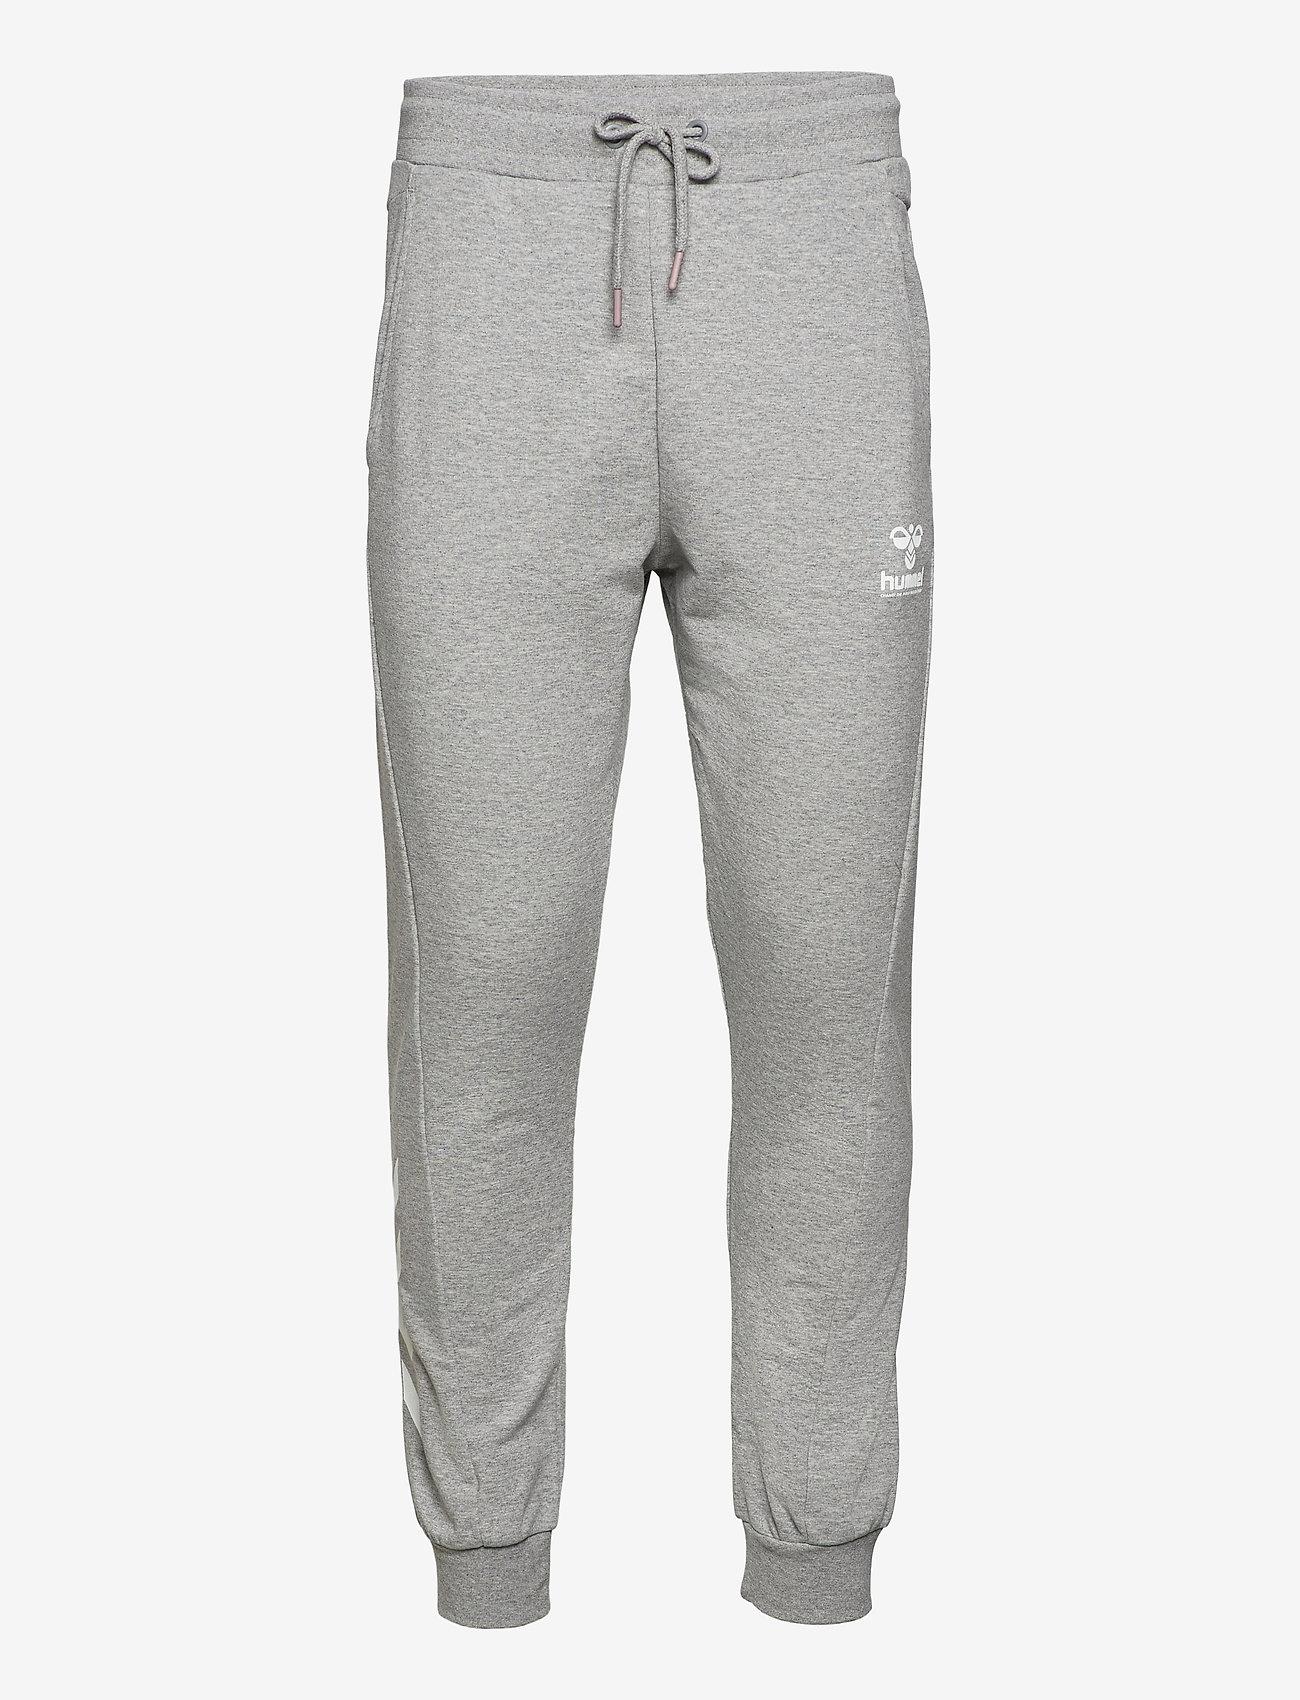 Hummel - hmlISAM REGULAR PANTS - trainingsbroek - grey melange - 0